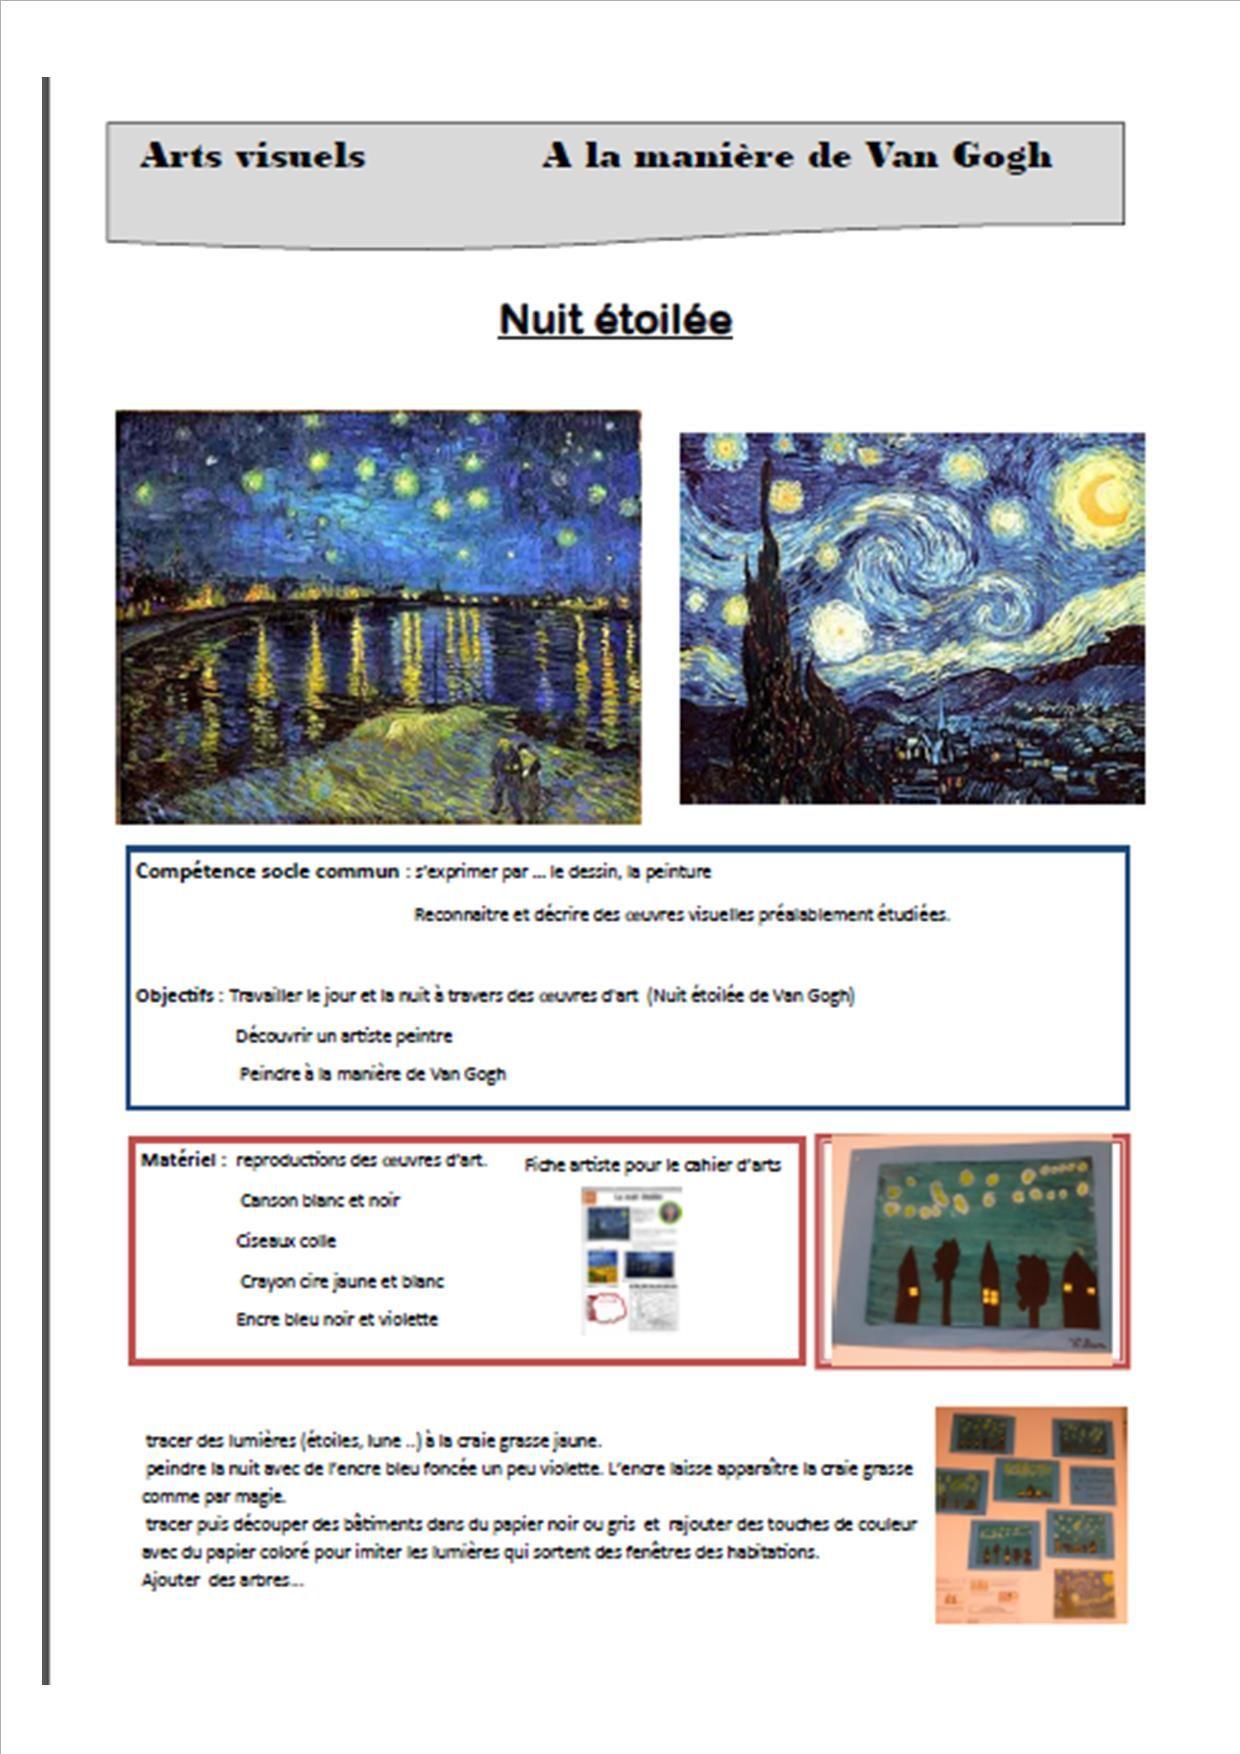 Hervorragend Nuit étoilée à la manière de Van Gogh - L'école de p'tit loup  HR72